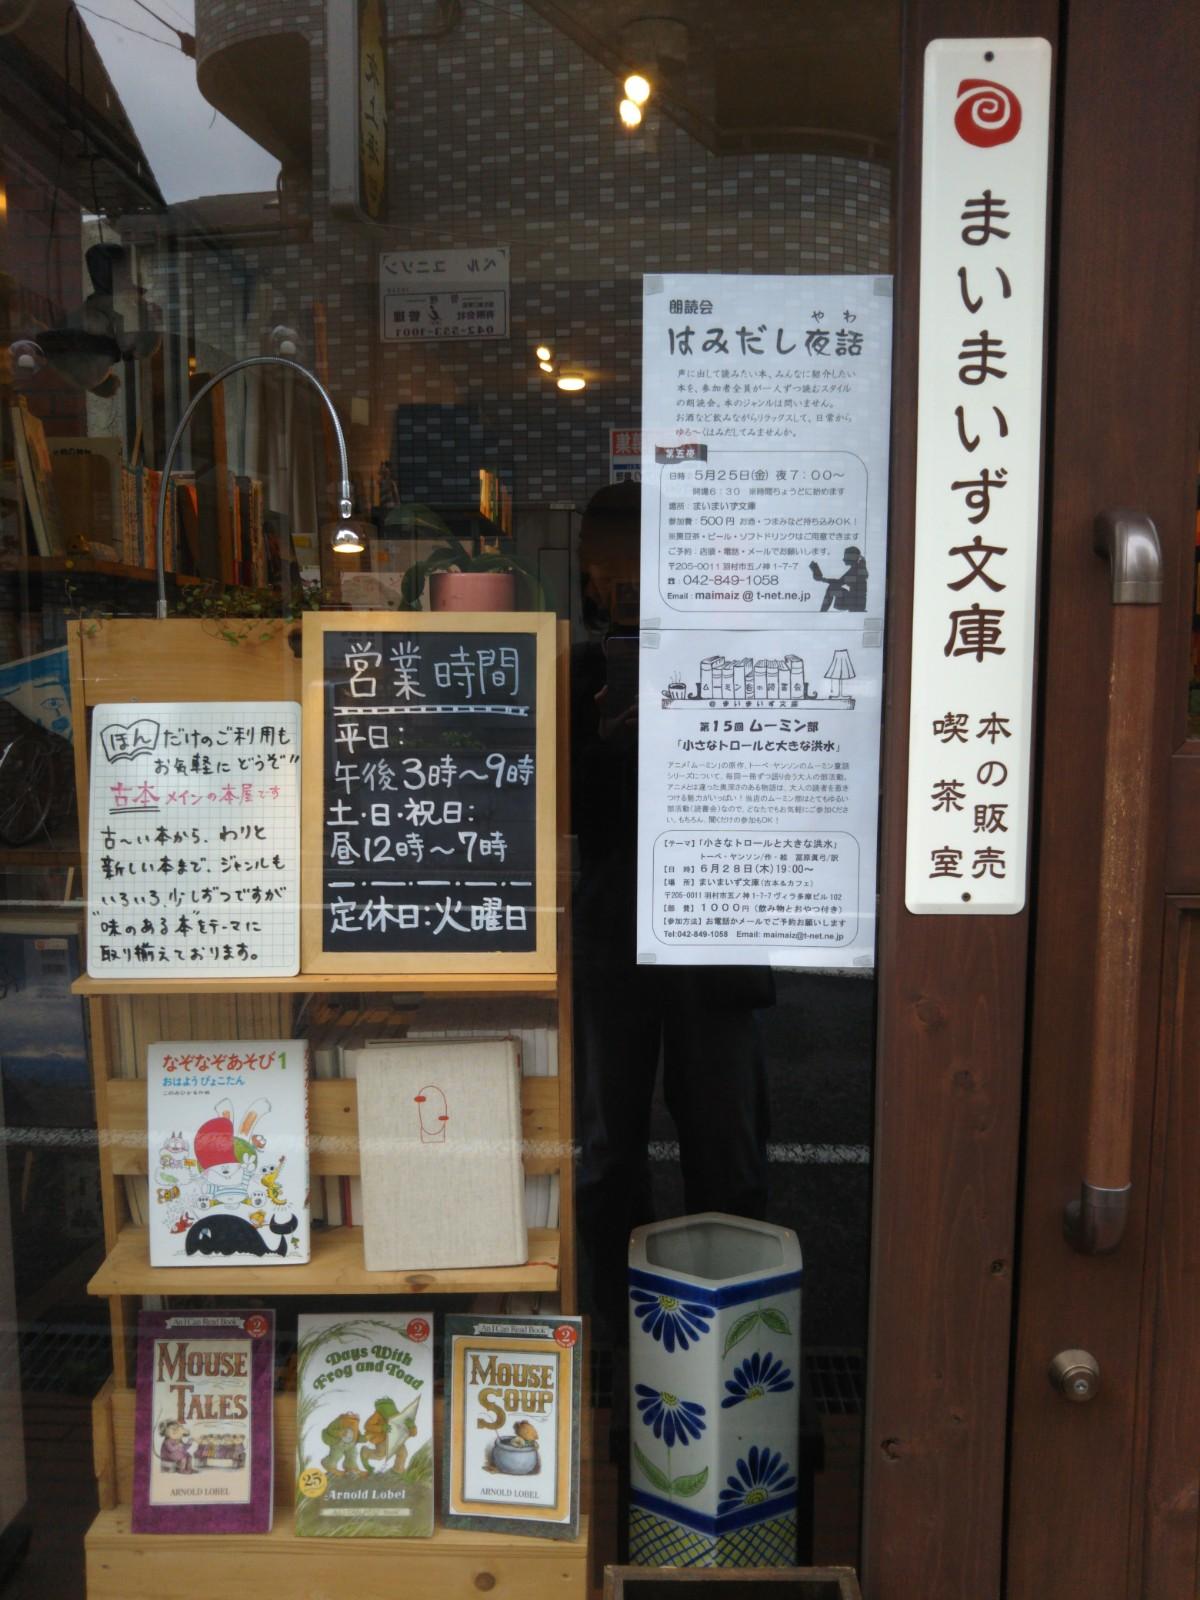 【羽村】本好きさん必見!古本と喫茶のお店『まいまいず文庫』